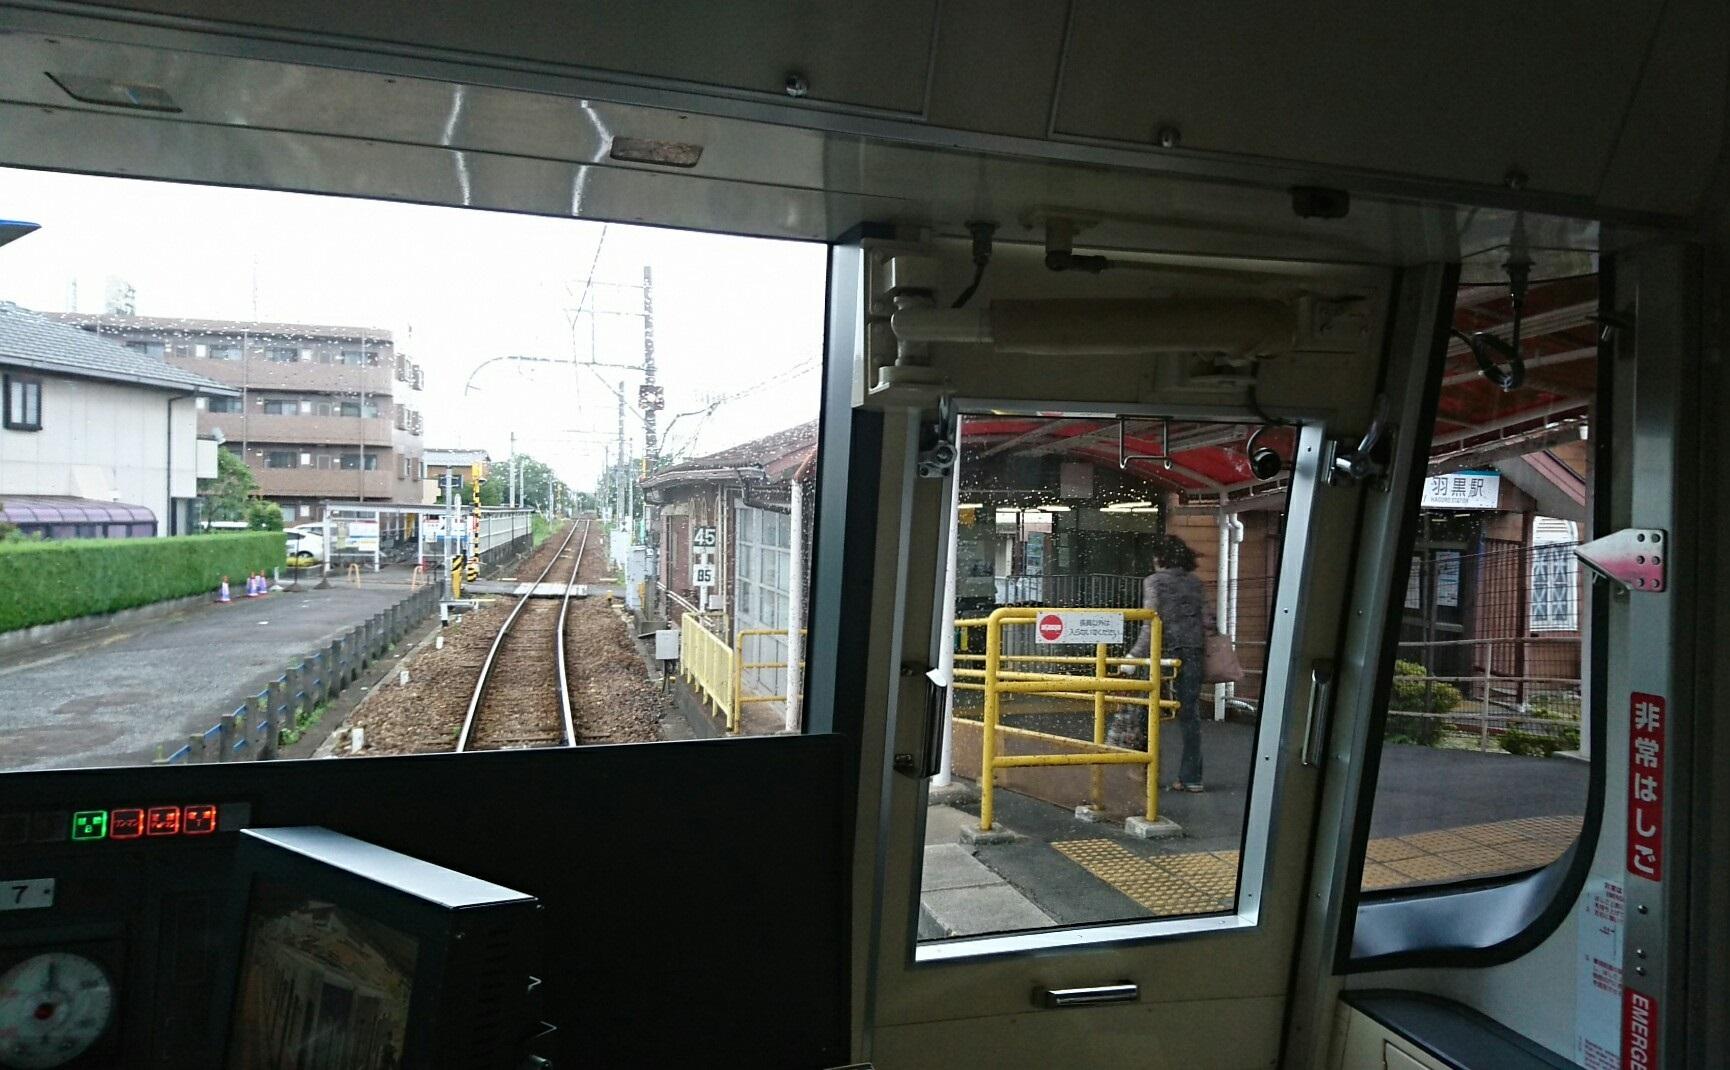 2018.6.30 (27あ) 平安通いきふつう - 羽黒 1730-1070